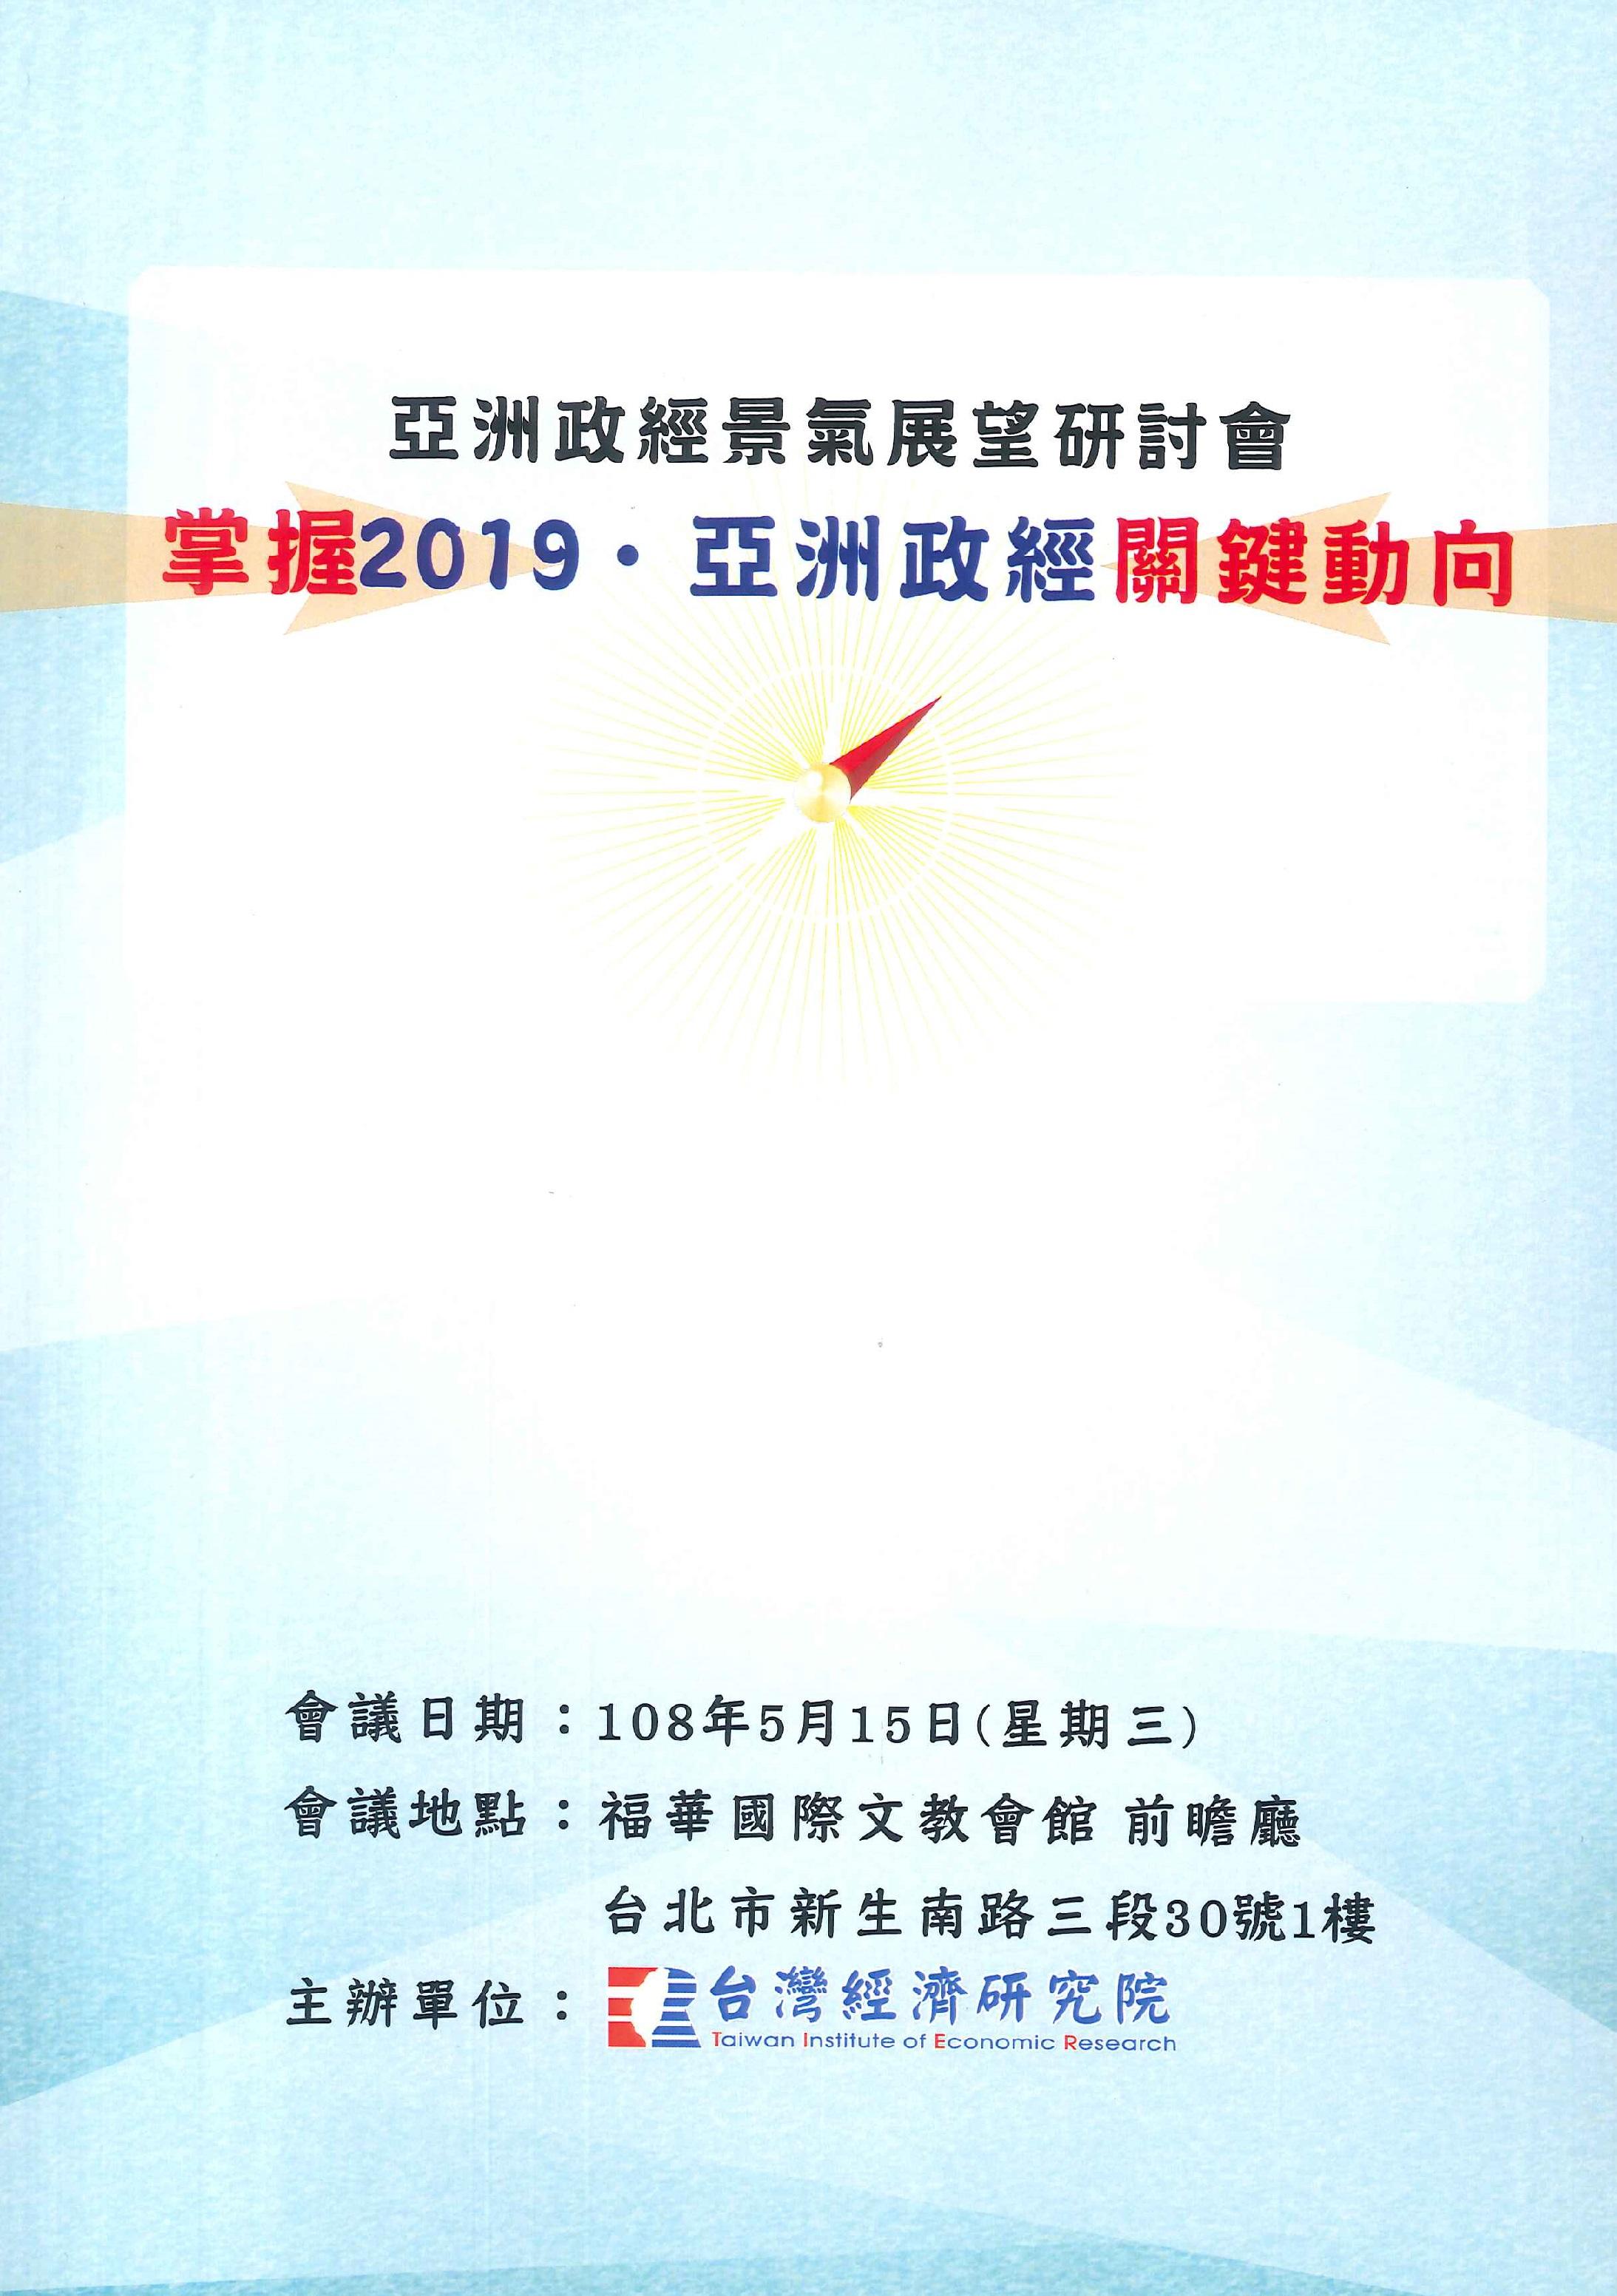 亞洲政經景氣展望研討會:會議資料